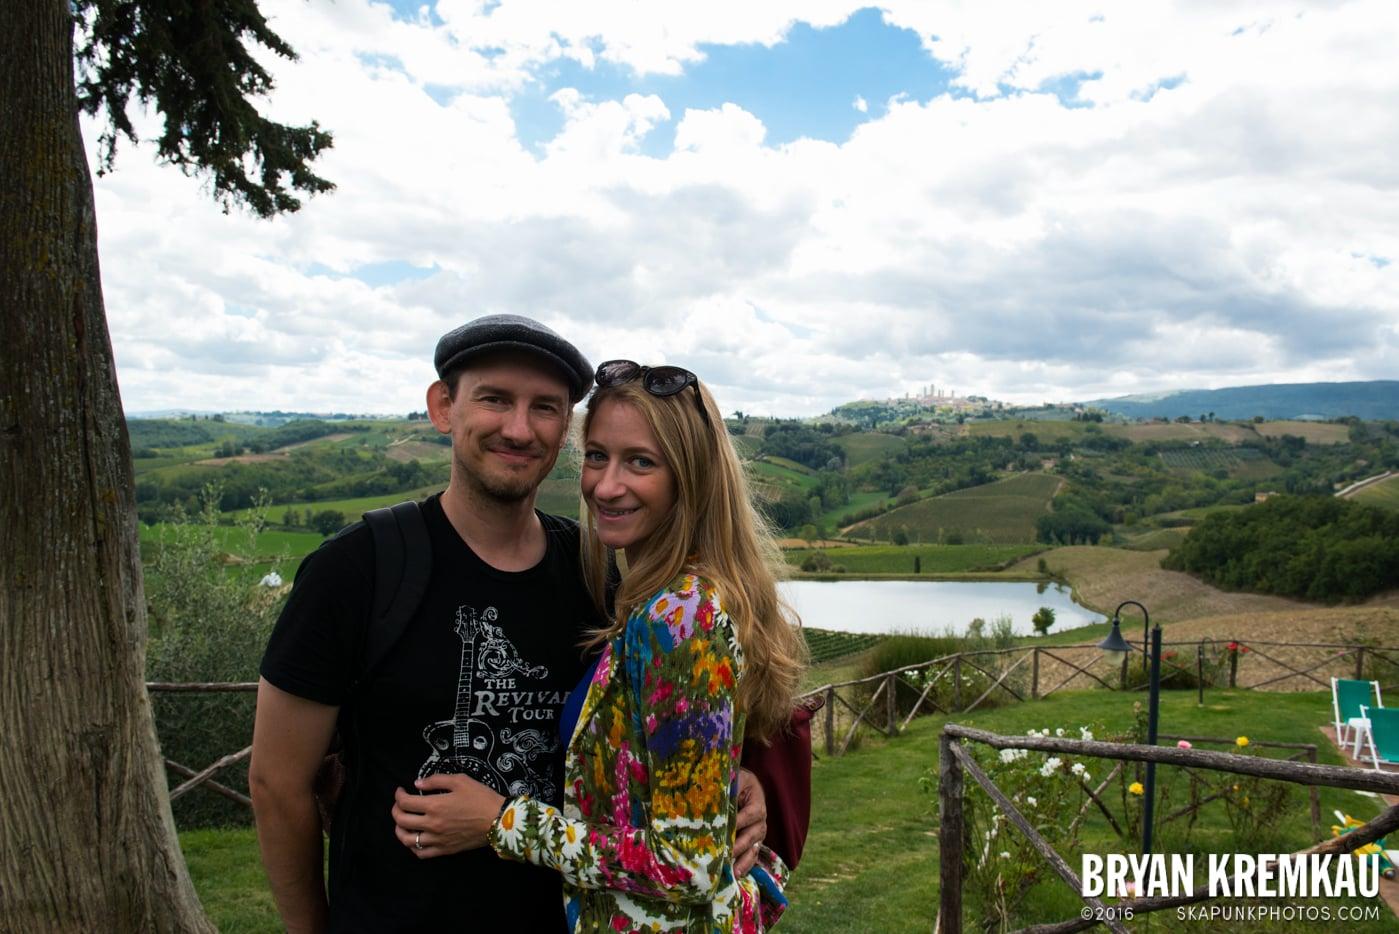 Italy Vacation - Day 8: Siena, San Gimignano, Chianti, Pisa - 9.16.13 (81)